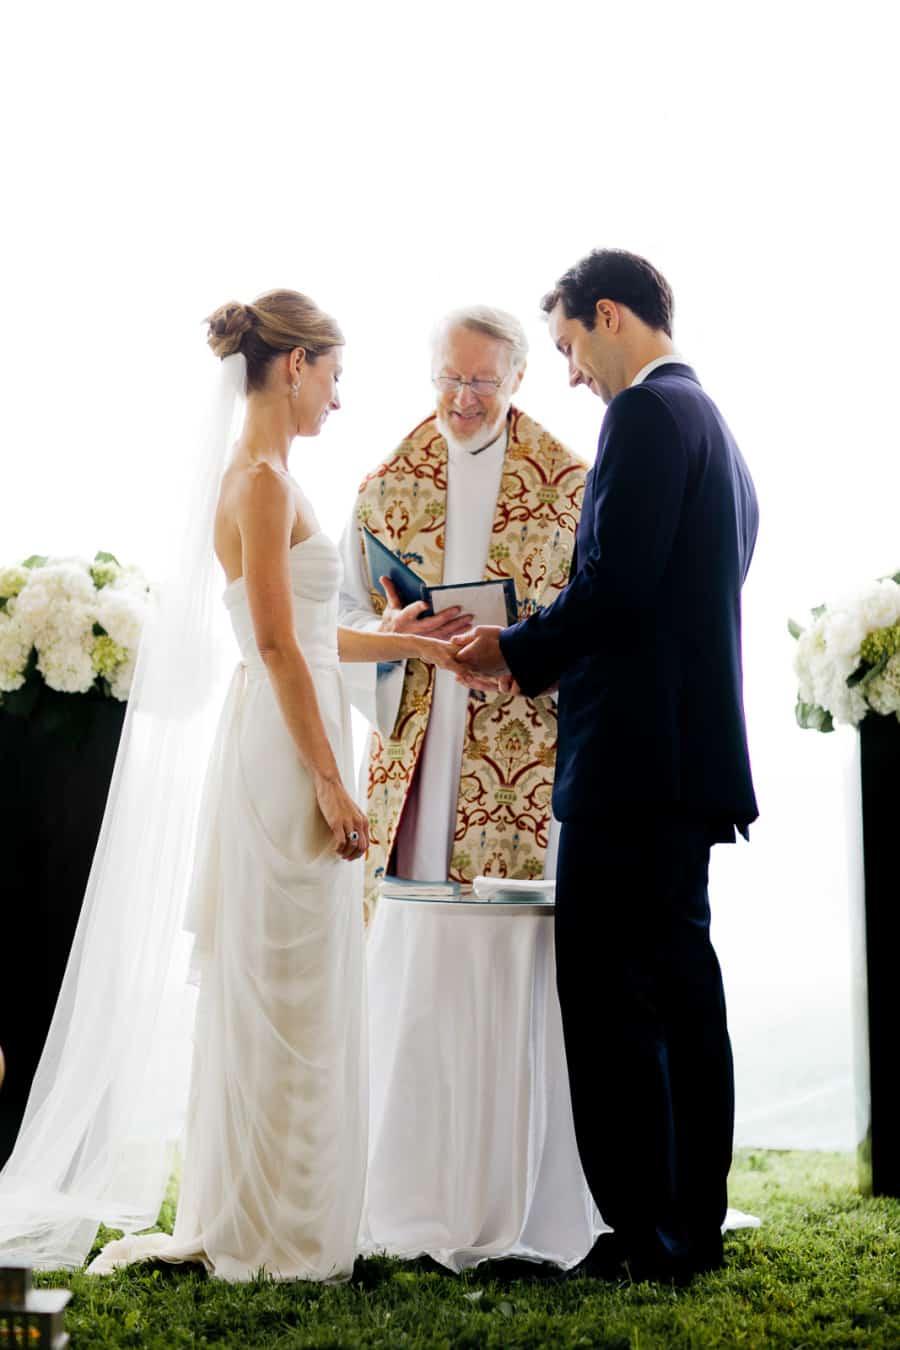 groom placing ring on bride